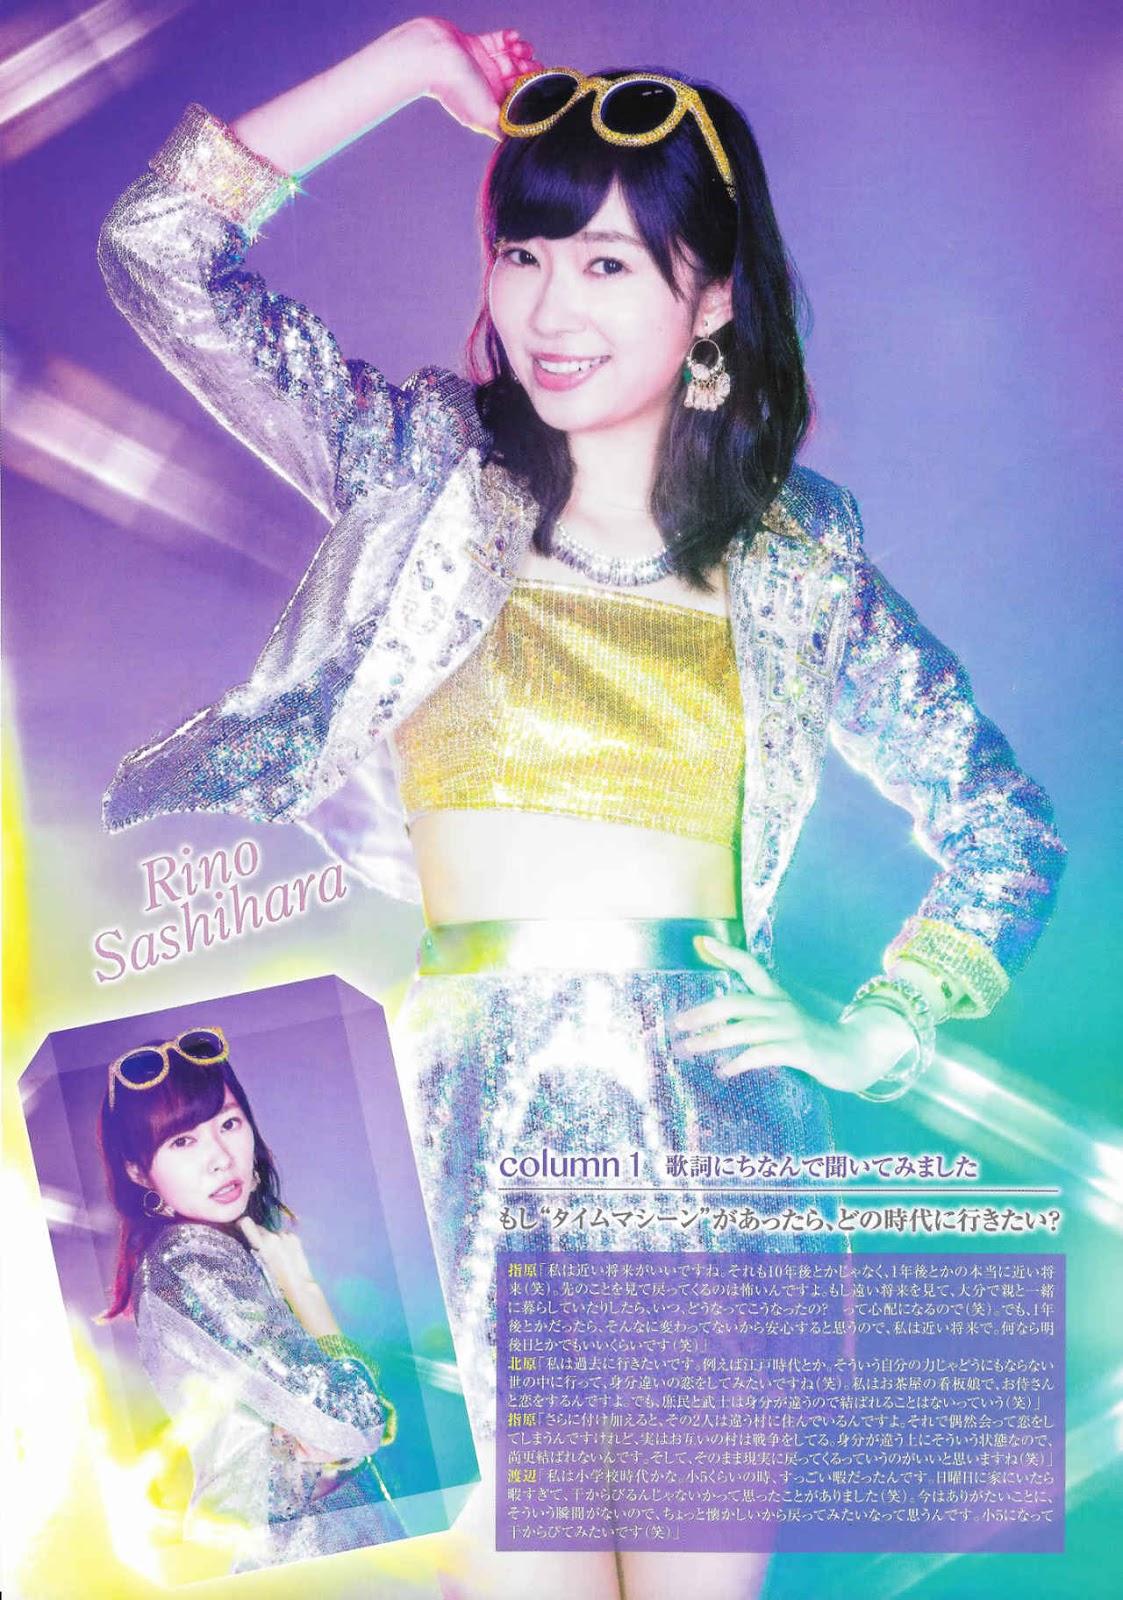 Nia s Wonderland My Top 20 AKB48 Songs